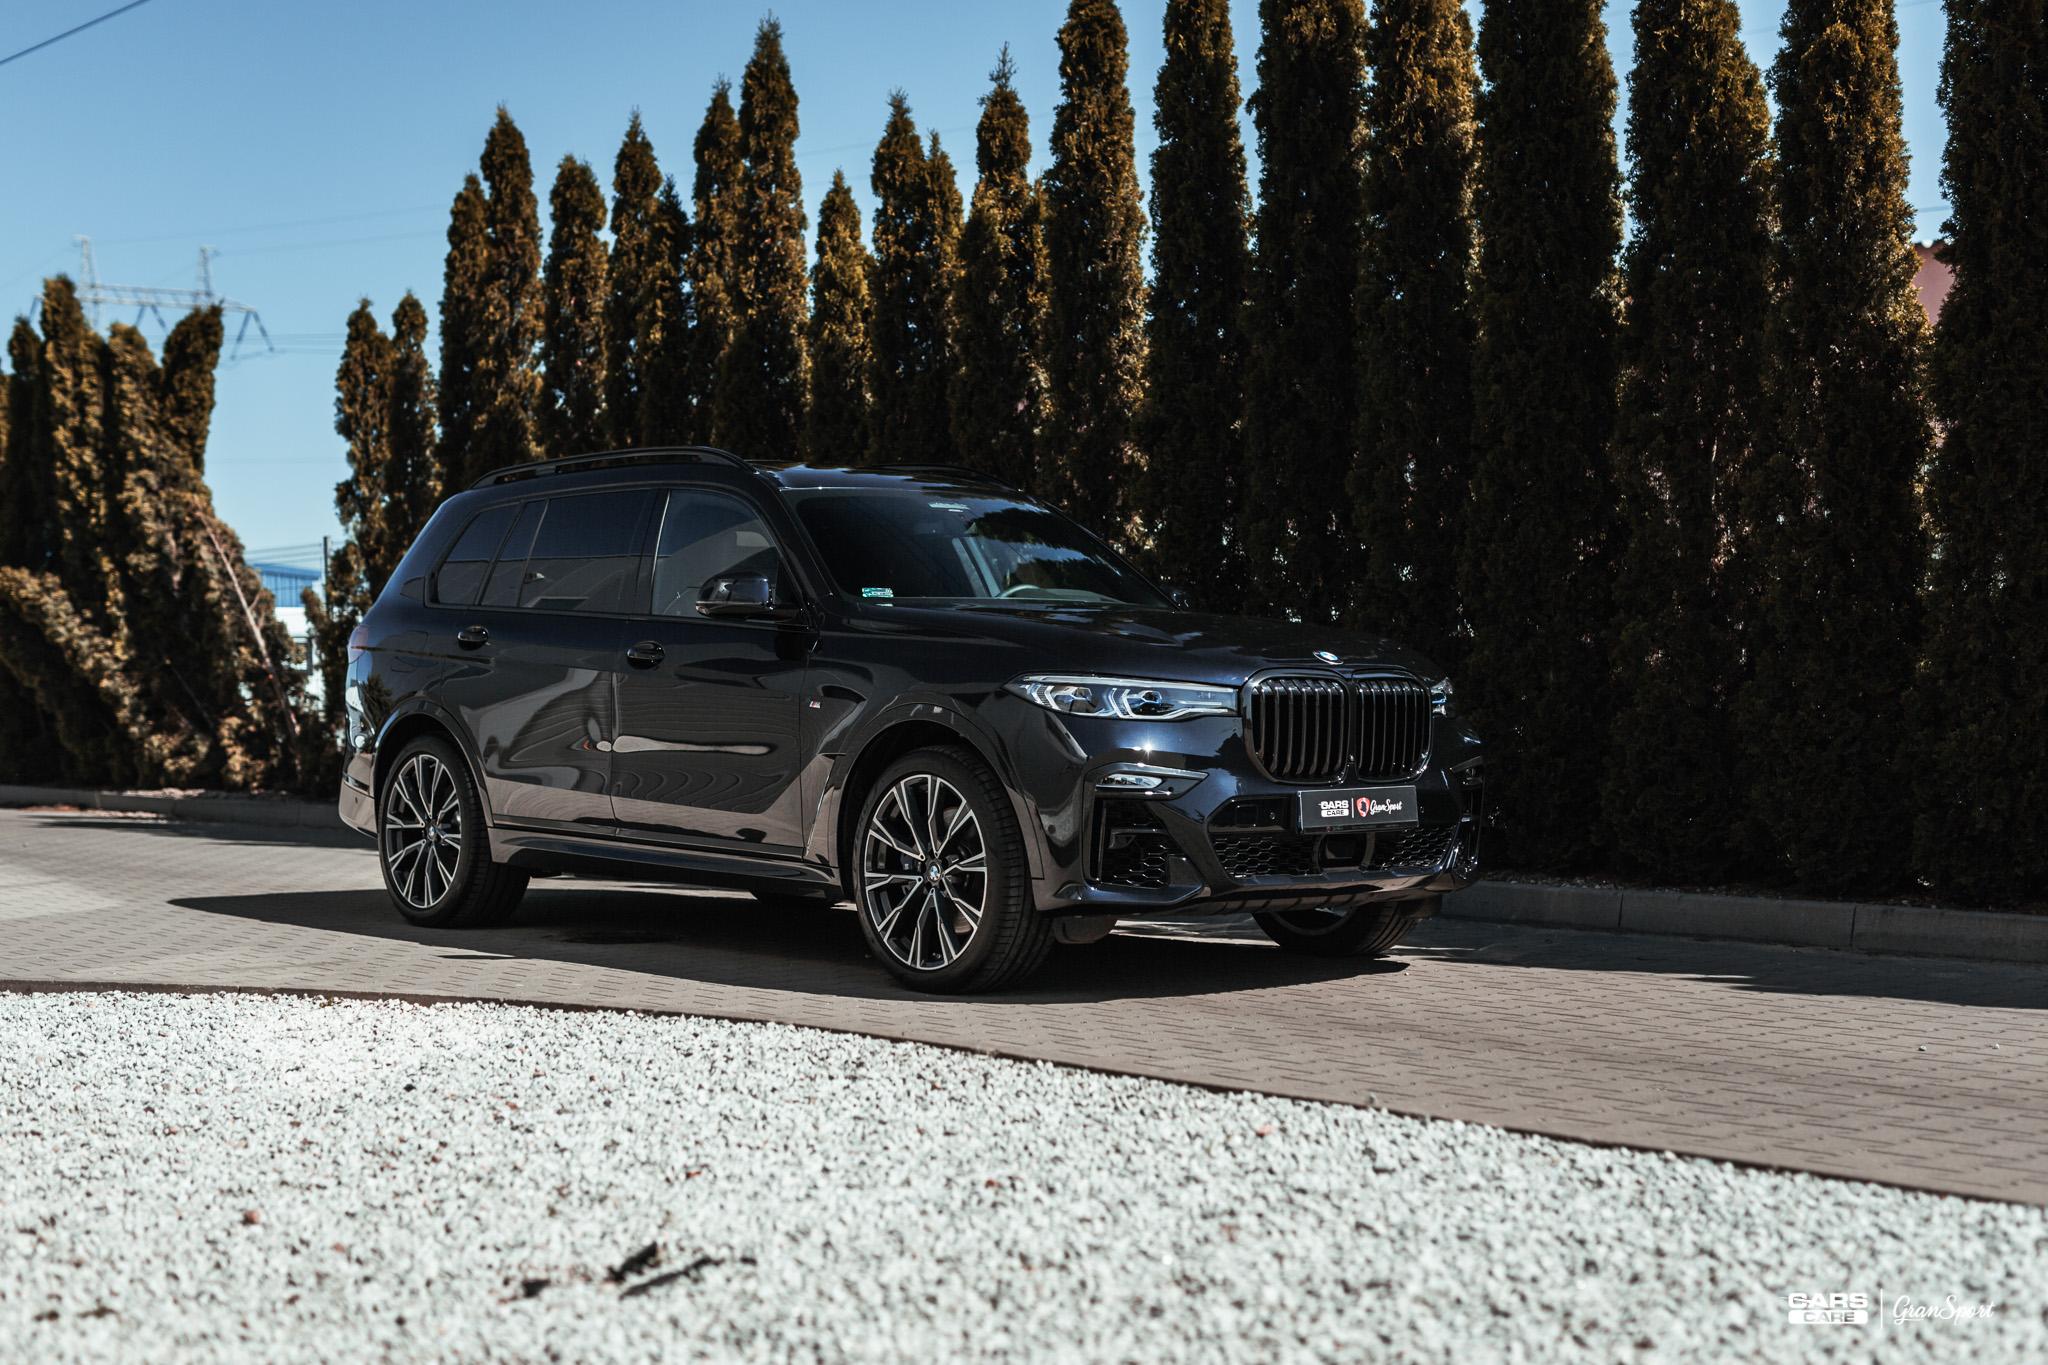 BMW X7 M50d - Zabezpieczenie auta bezbarwną folią ochronną - carscare.pl